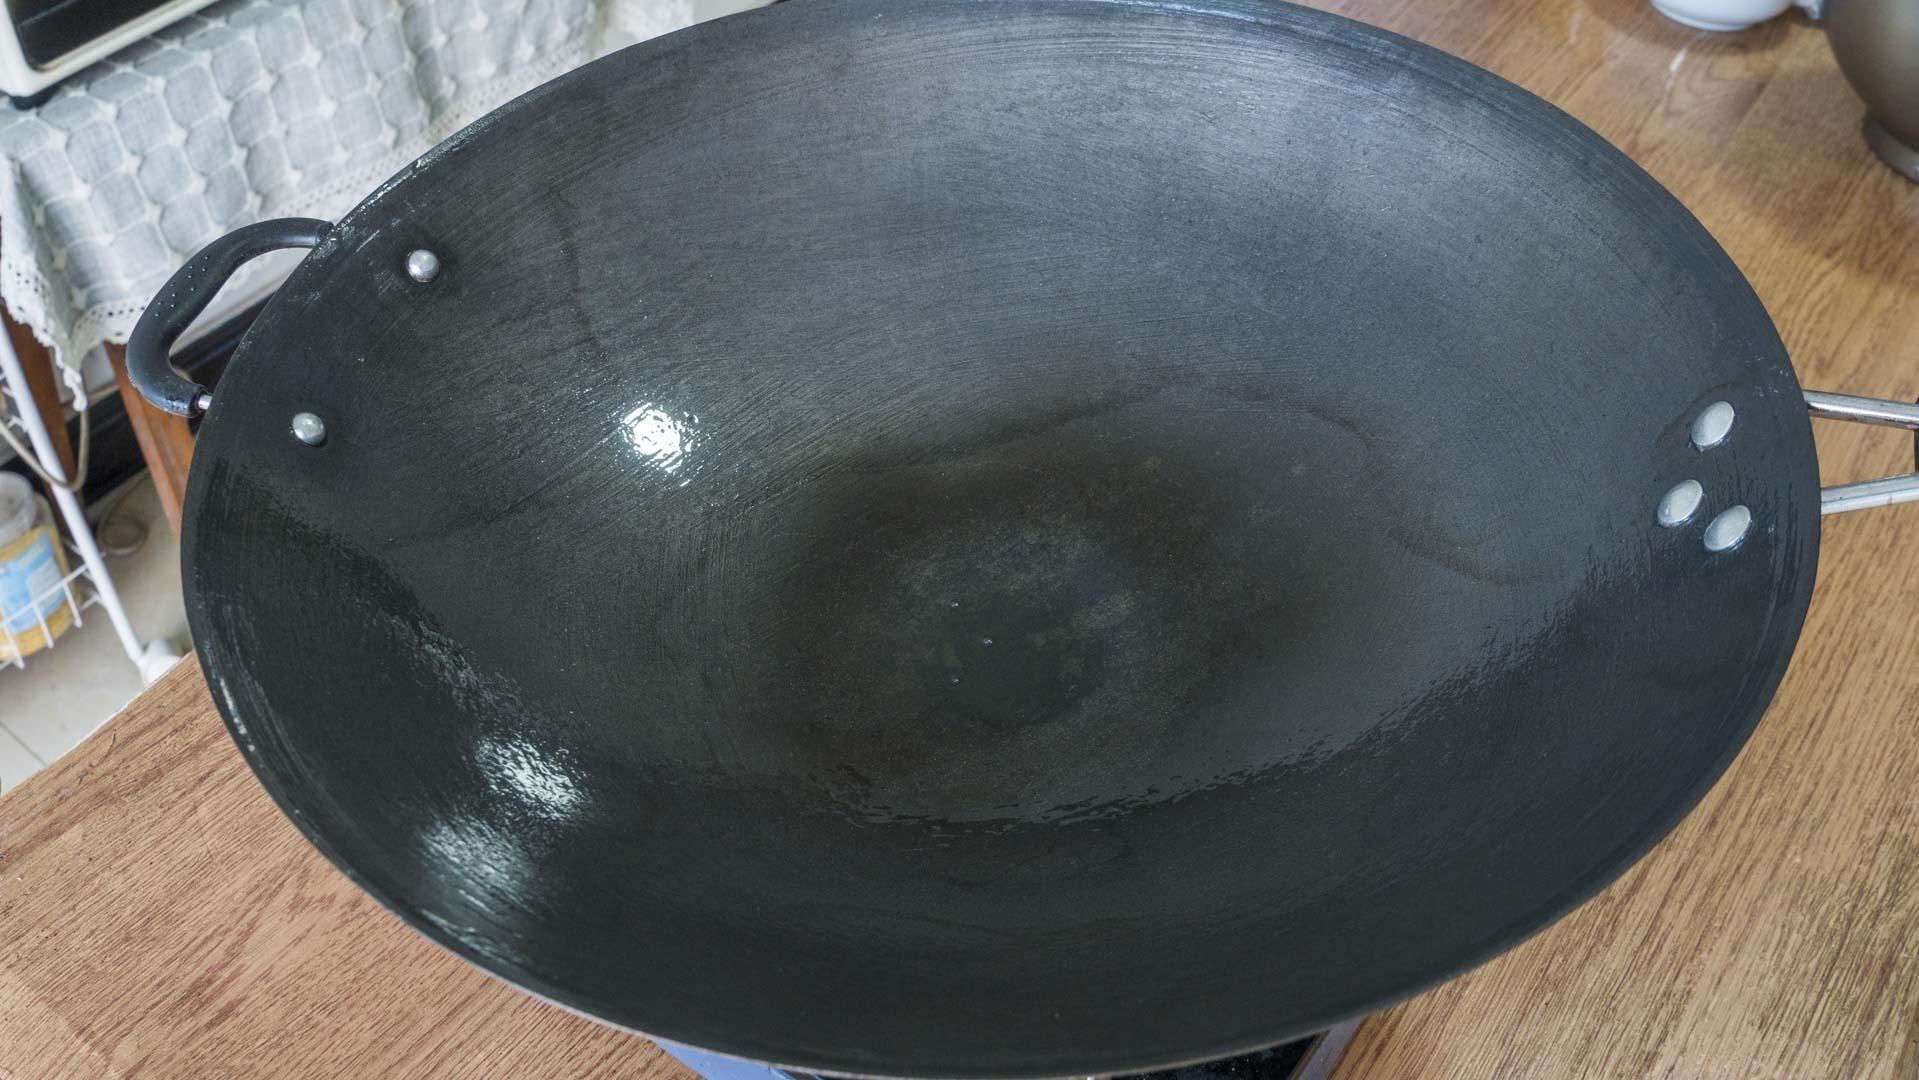 新鐵鍋千萬別直接用,教你正確的開鍋方法,不粘鍋不生鏽,特實用